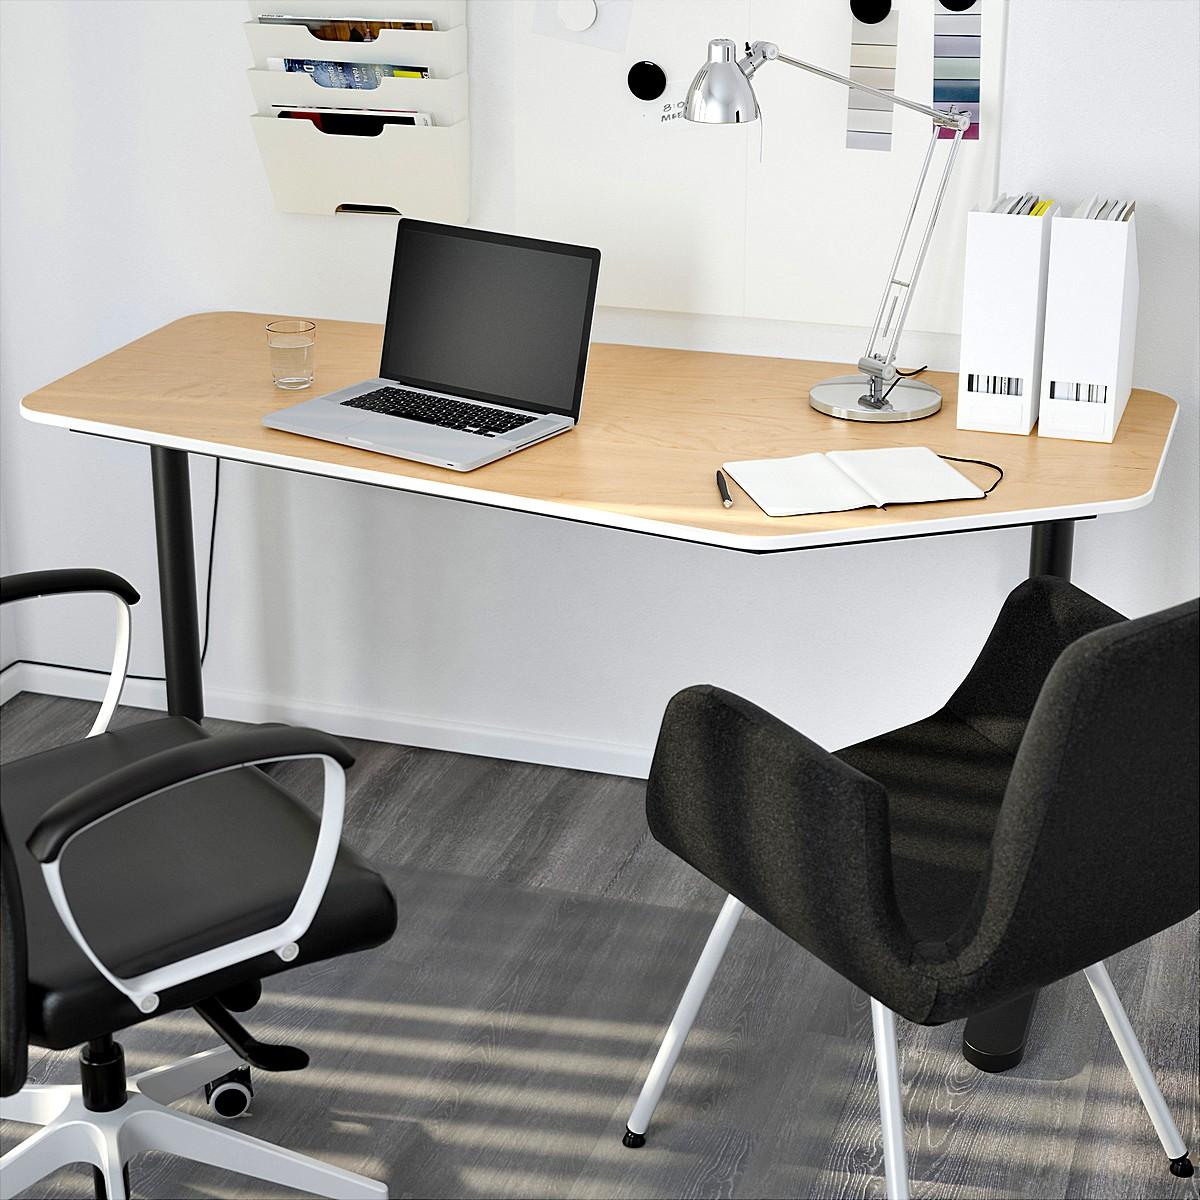 ikea-bekant-5-sidet-desk-til-kontor